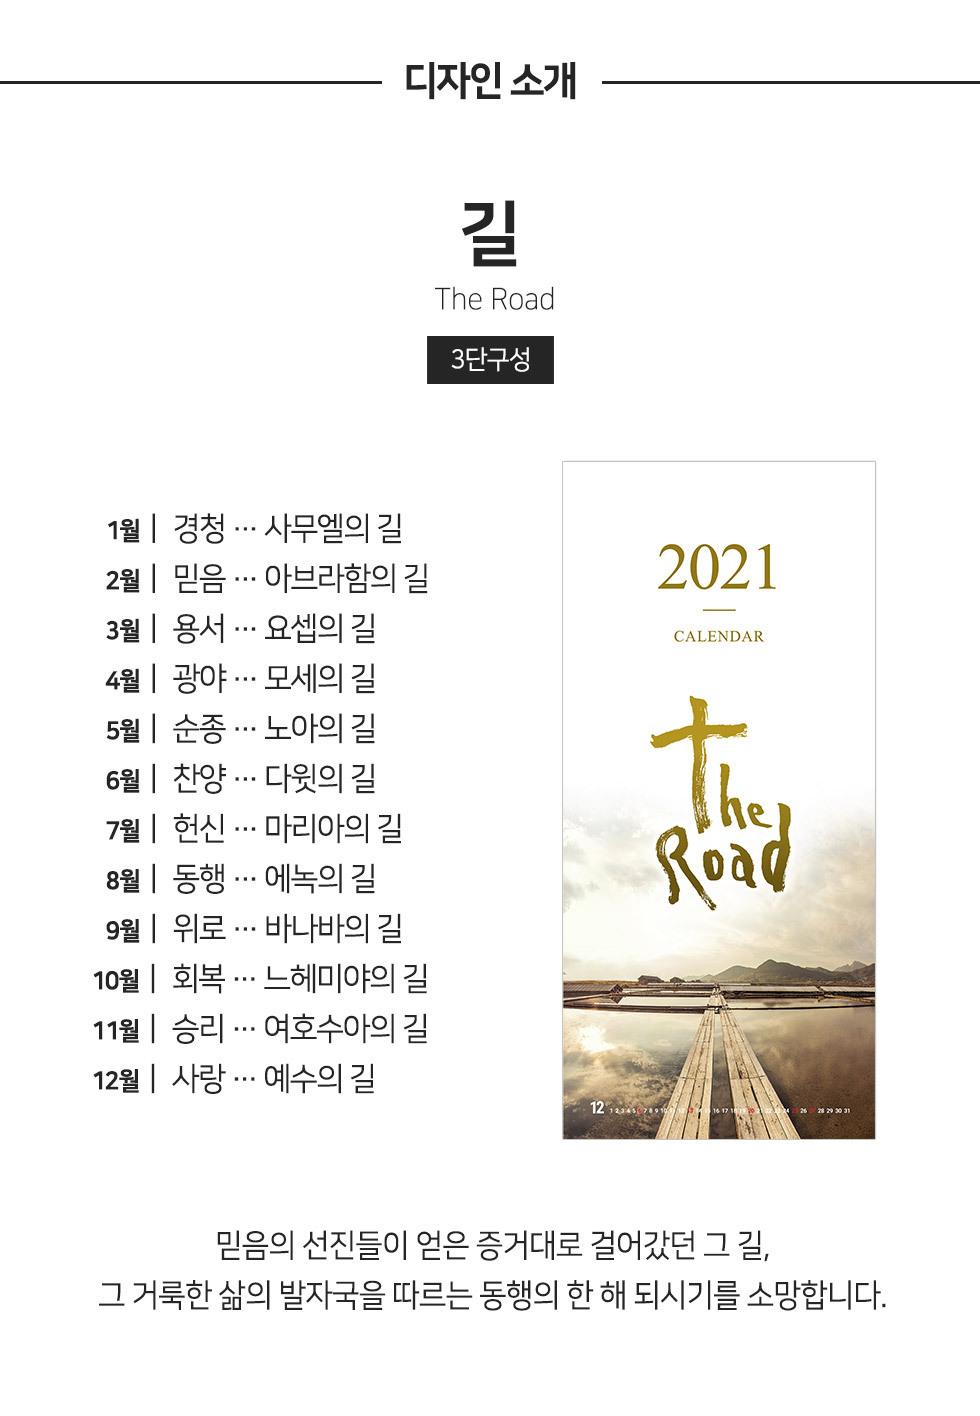 2021년 벽걸이달력 길 The Road - 믿음의 선진들이 얻은 증거대로 걸어갔던 그 길, 그 거룩한 삶의 발자국을 따르는 동행의 한 해 되시기를 소망합니다.